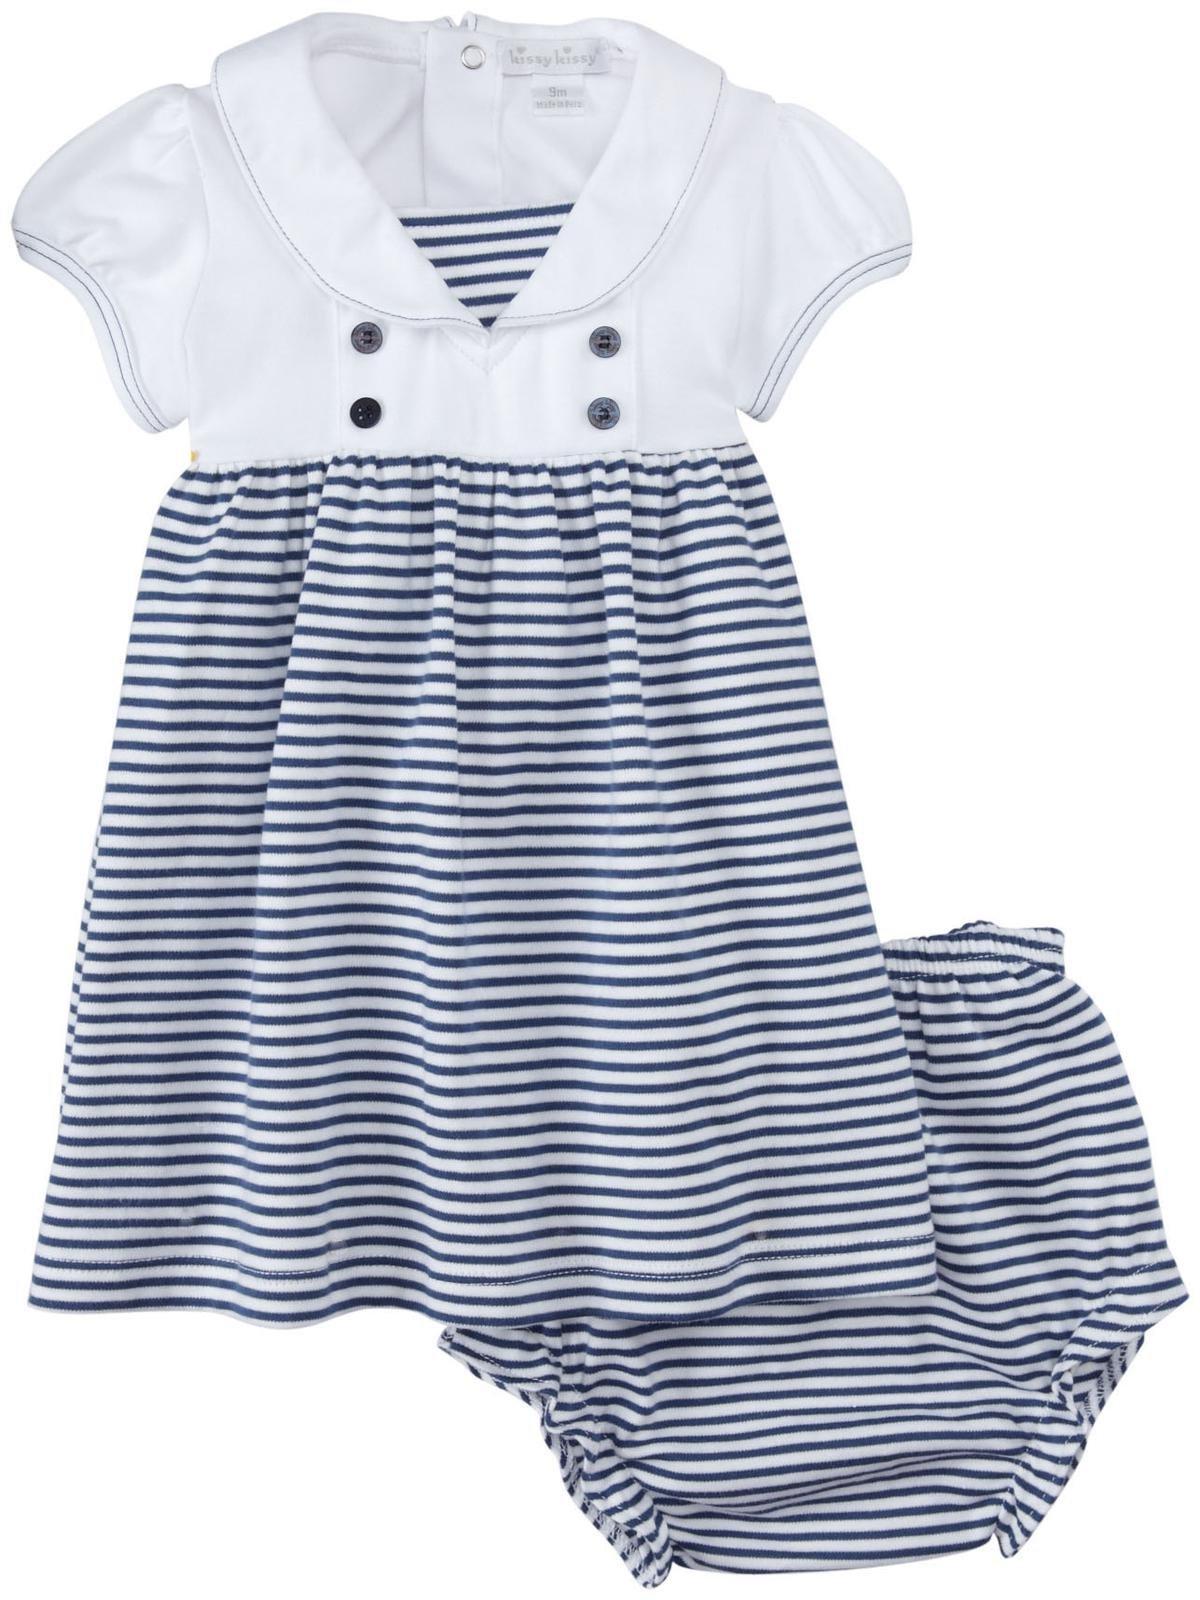 Kissy Kissy Baby Topsail Stripe Dress w Collar Navy Size 0 3